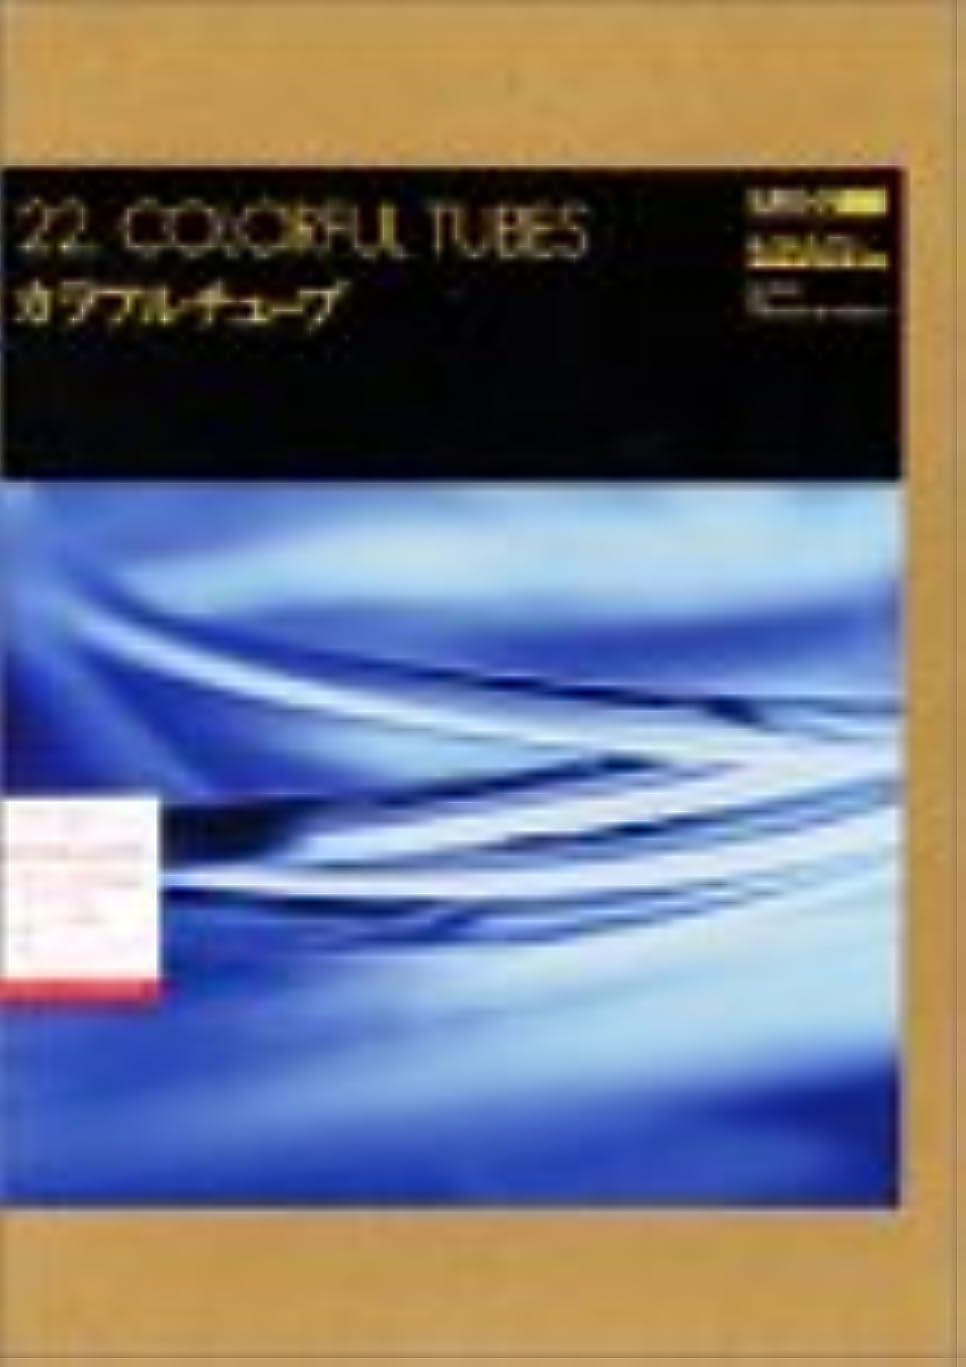 絶滅させる知覚する頑丈Super GU 22 Colorful Tubes